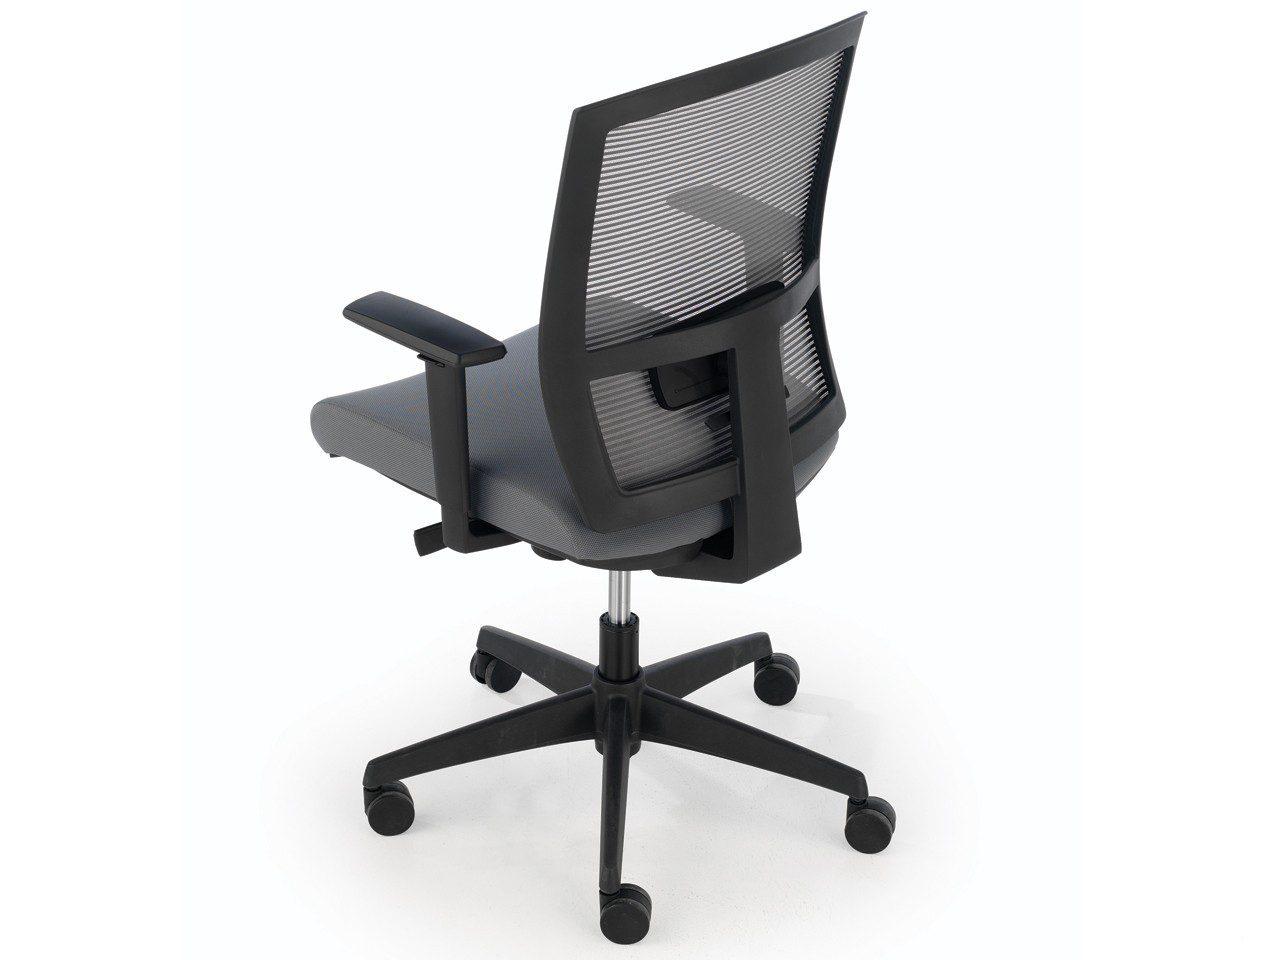 Silla escritorio kendo sillas de calidad muebles de for Silla escritorio oficina